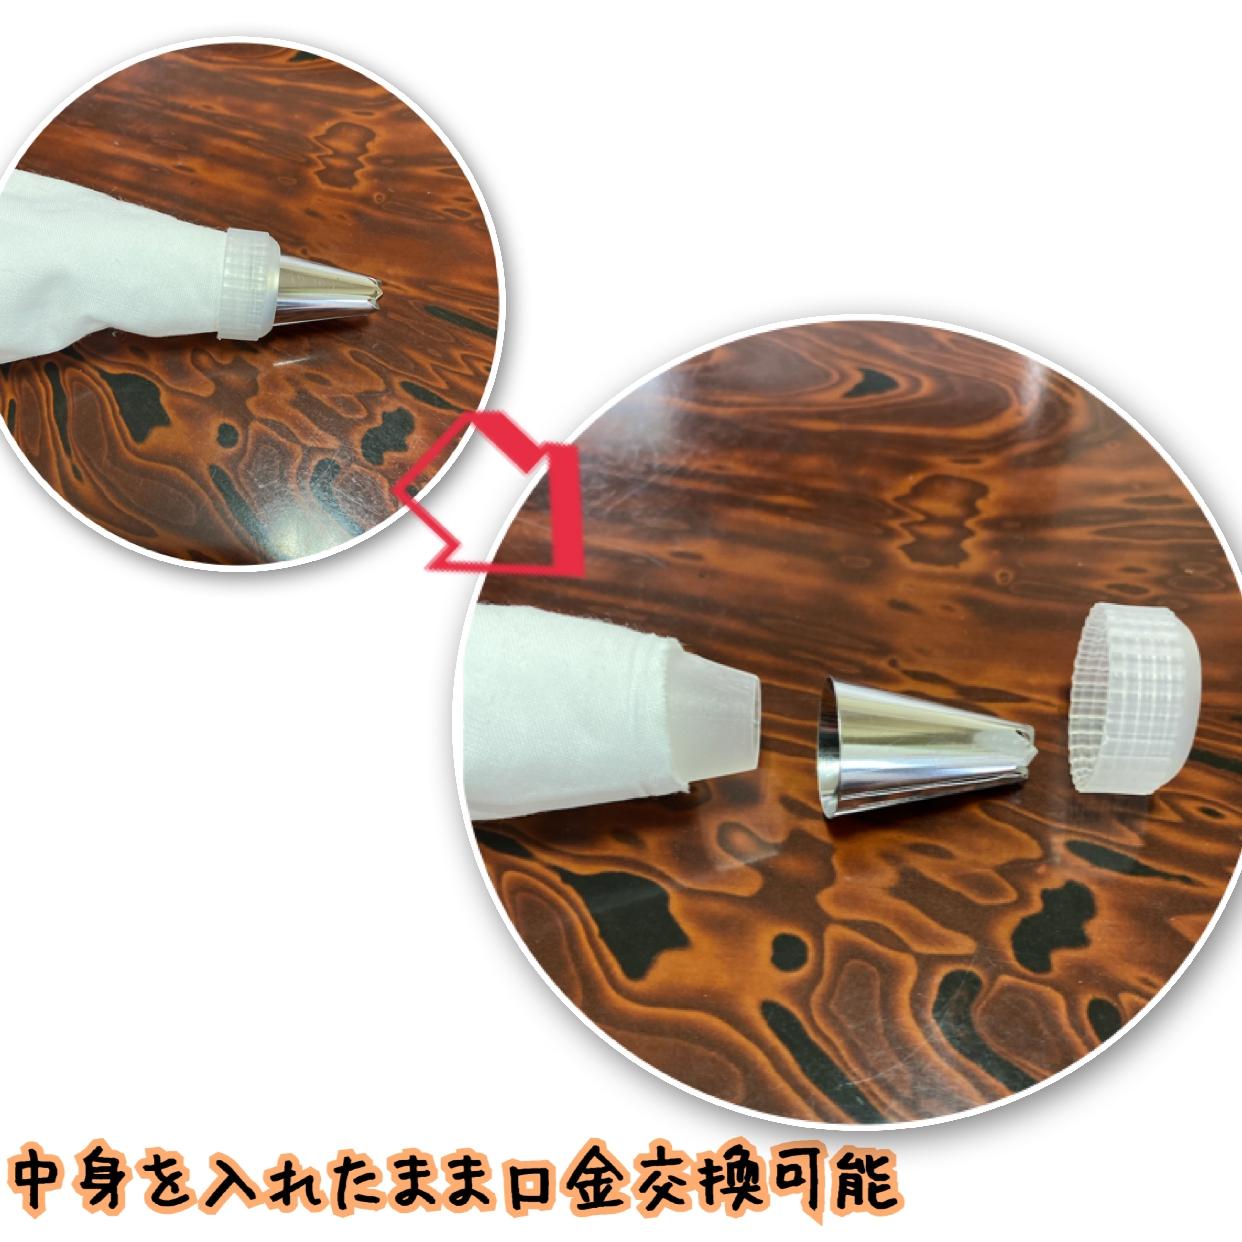 パール金属(PEARL)絞り袋 口金12個セット ケース付 D-3101 白を使ったひよりさんのクチコミ画像2